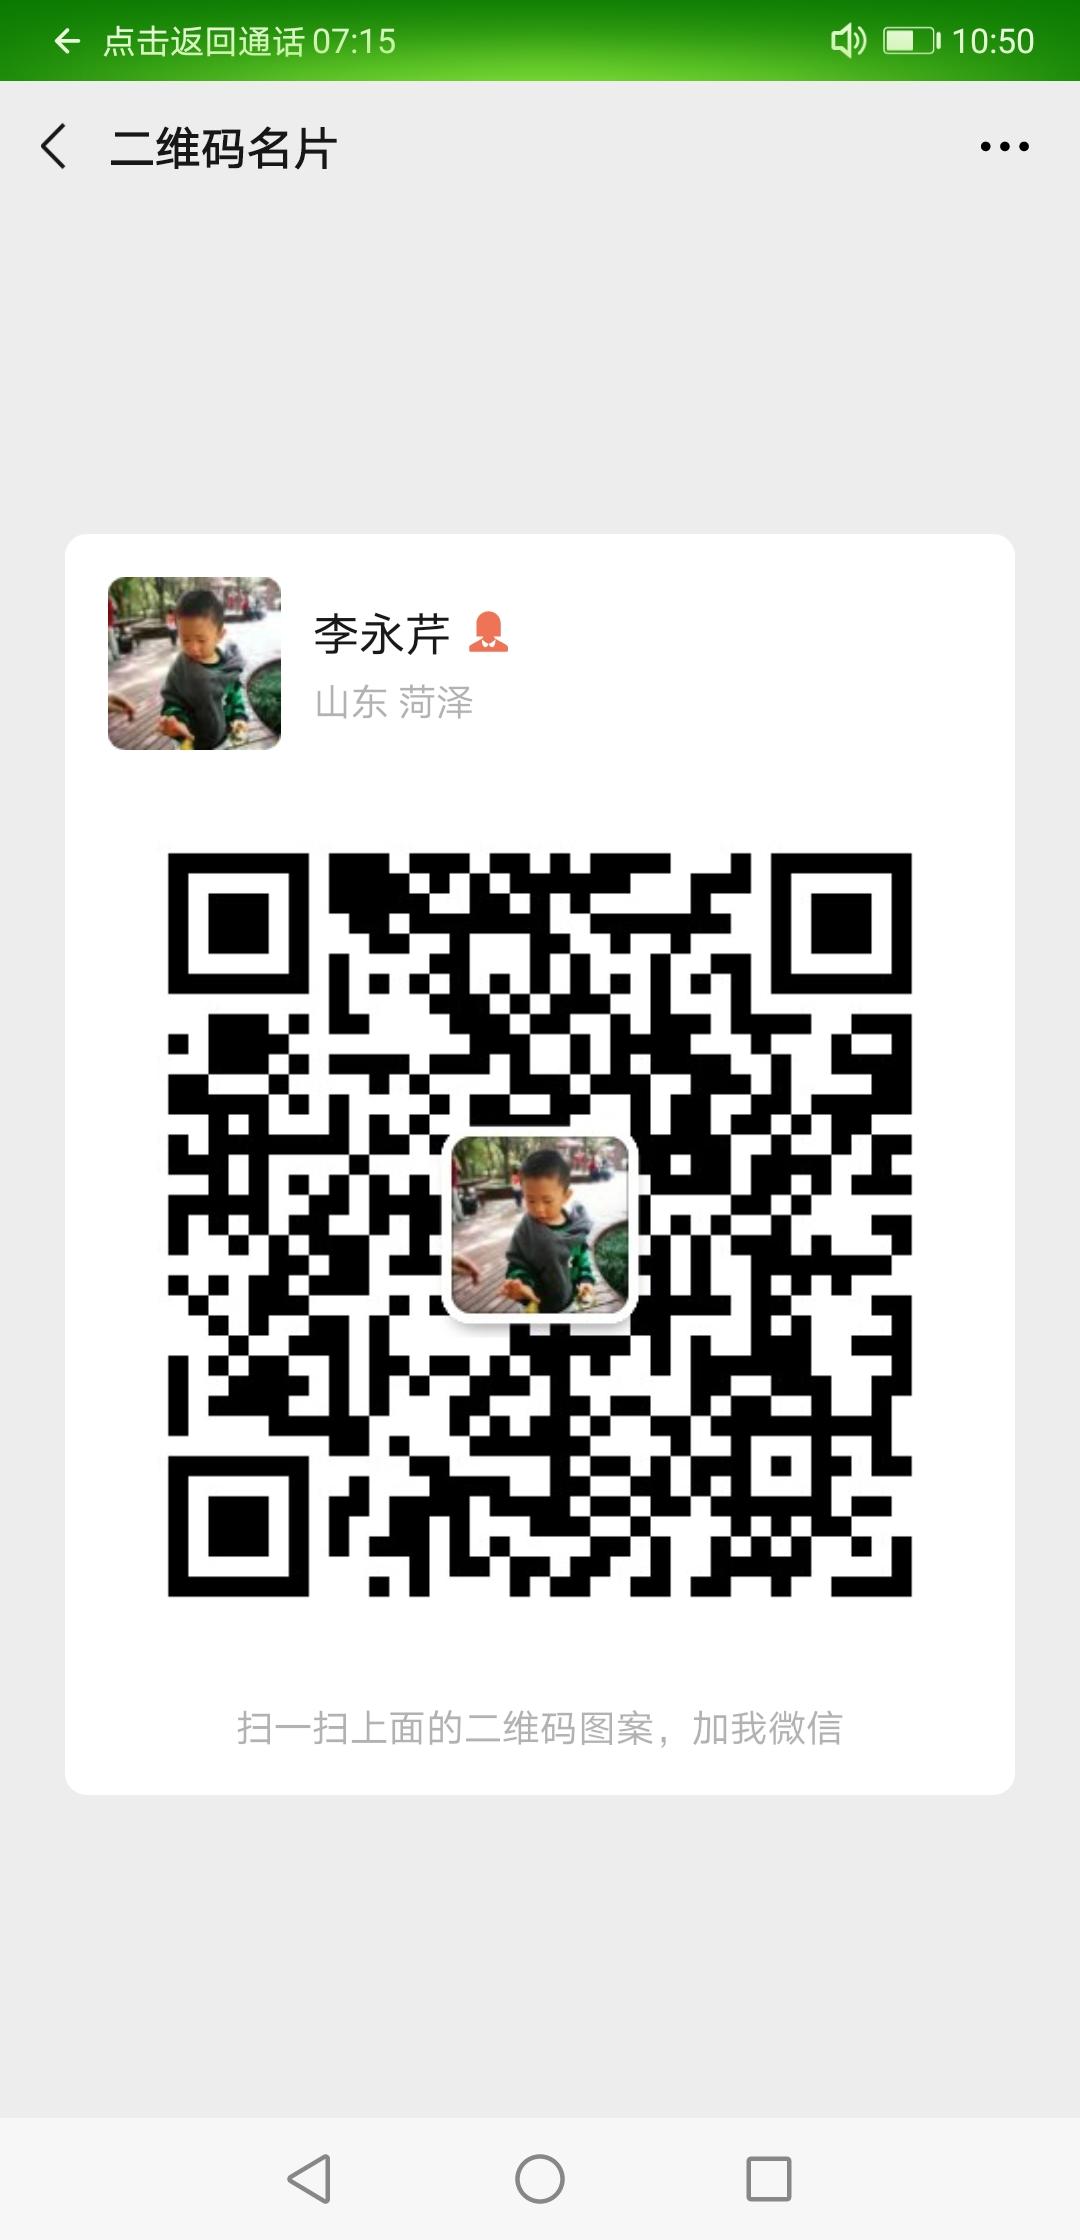 上海苏彭电子科技有限公司